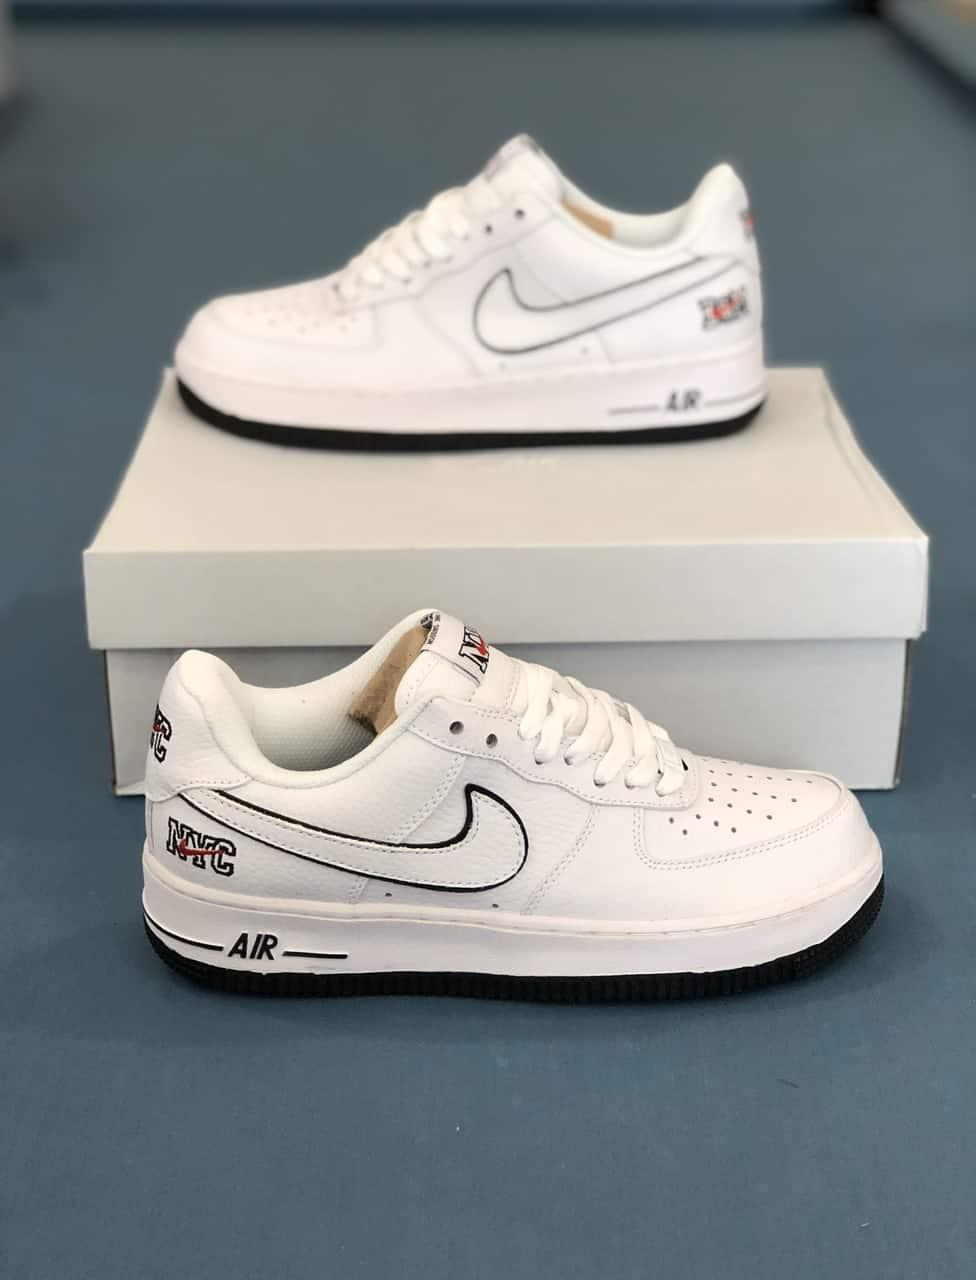 Giày Nike Air Force 1 NYC rep 1:1 có thiết kế nổi bật với nhiều chi tiết đẹp mắt